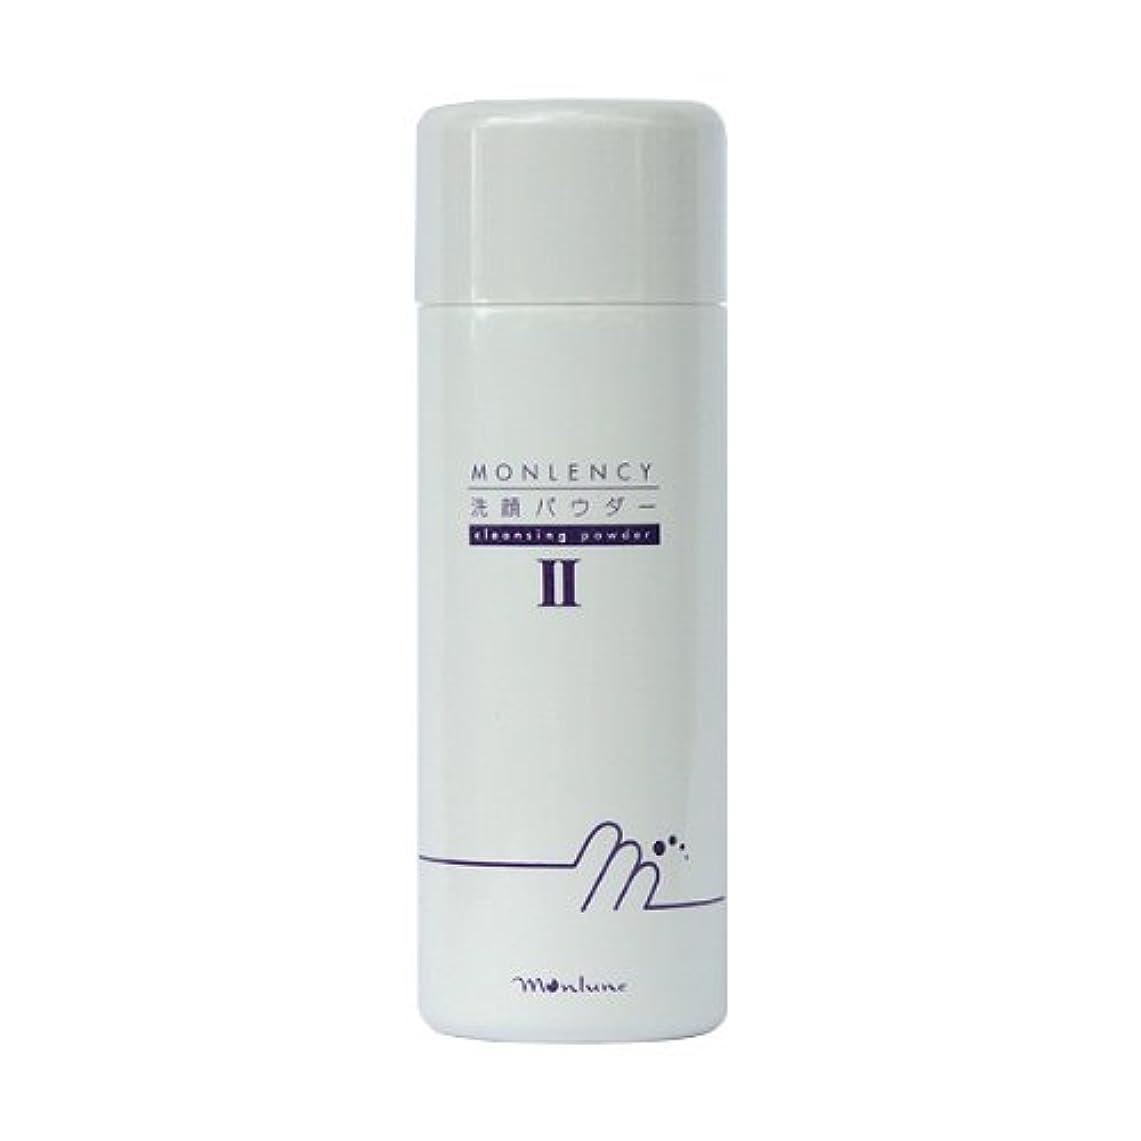 歩行者消毒するシンプルさモンルナ モンレンシーII 洗顔パウダー 容量110g